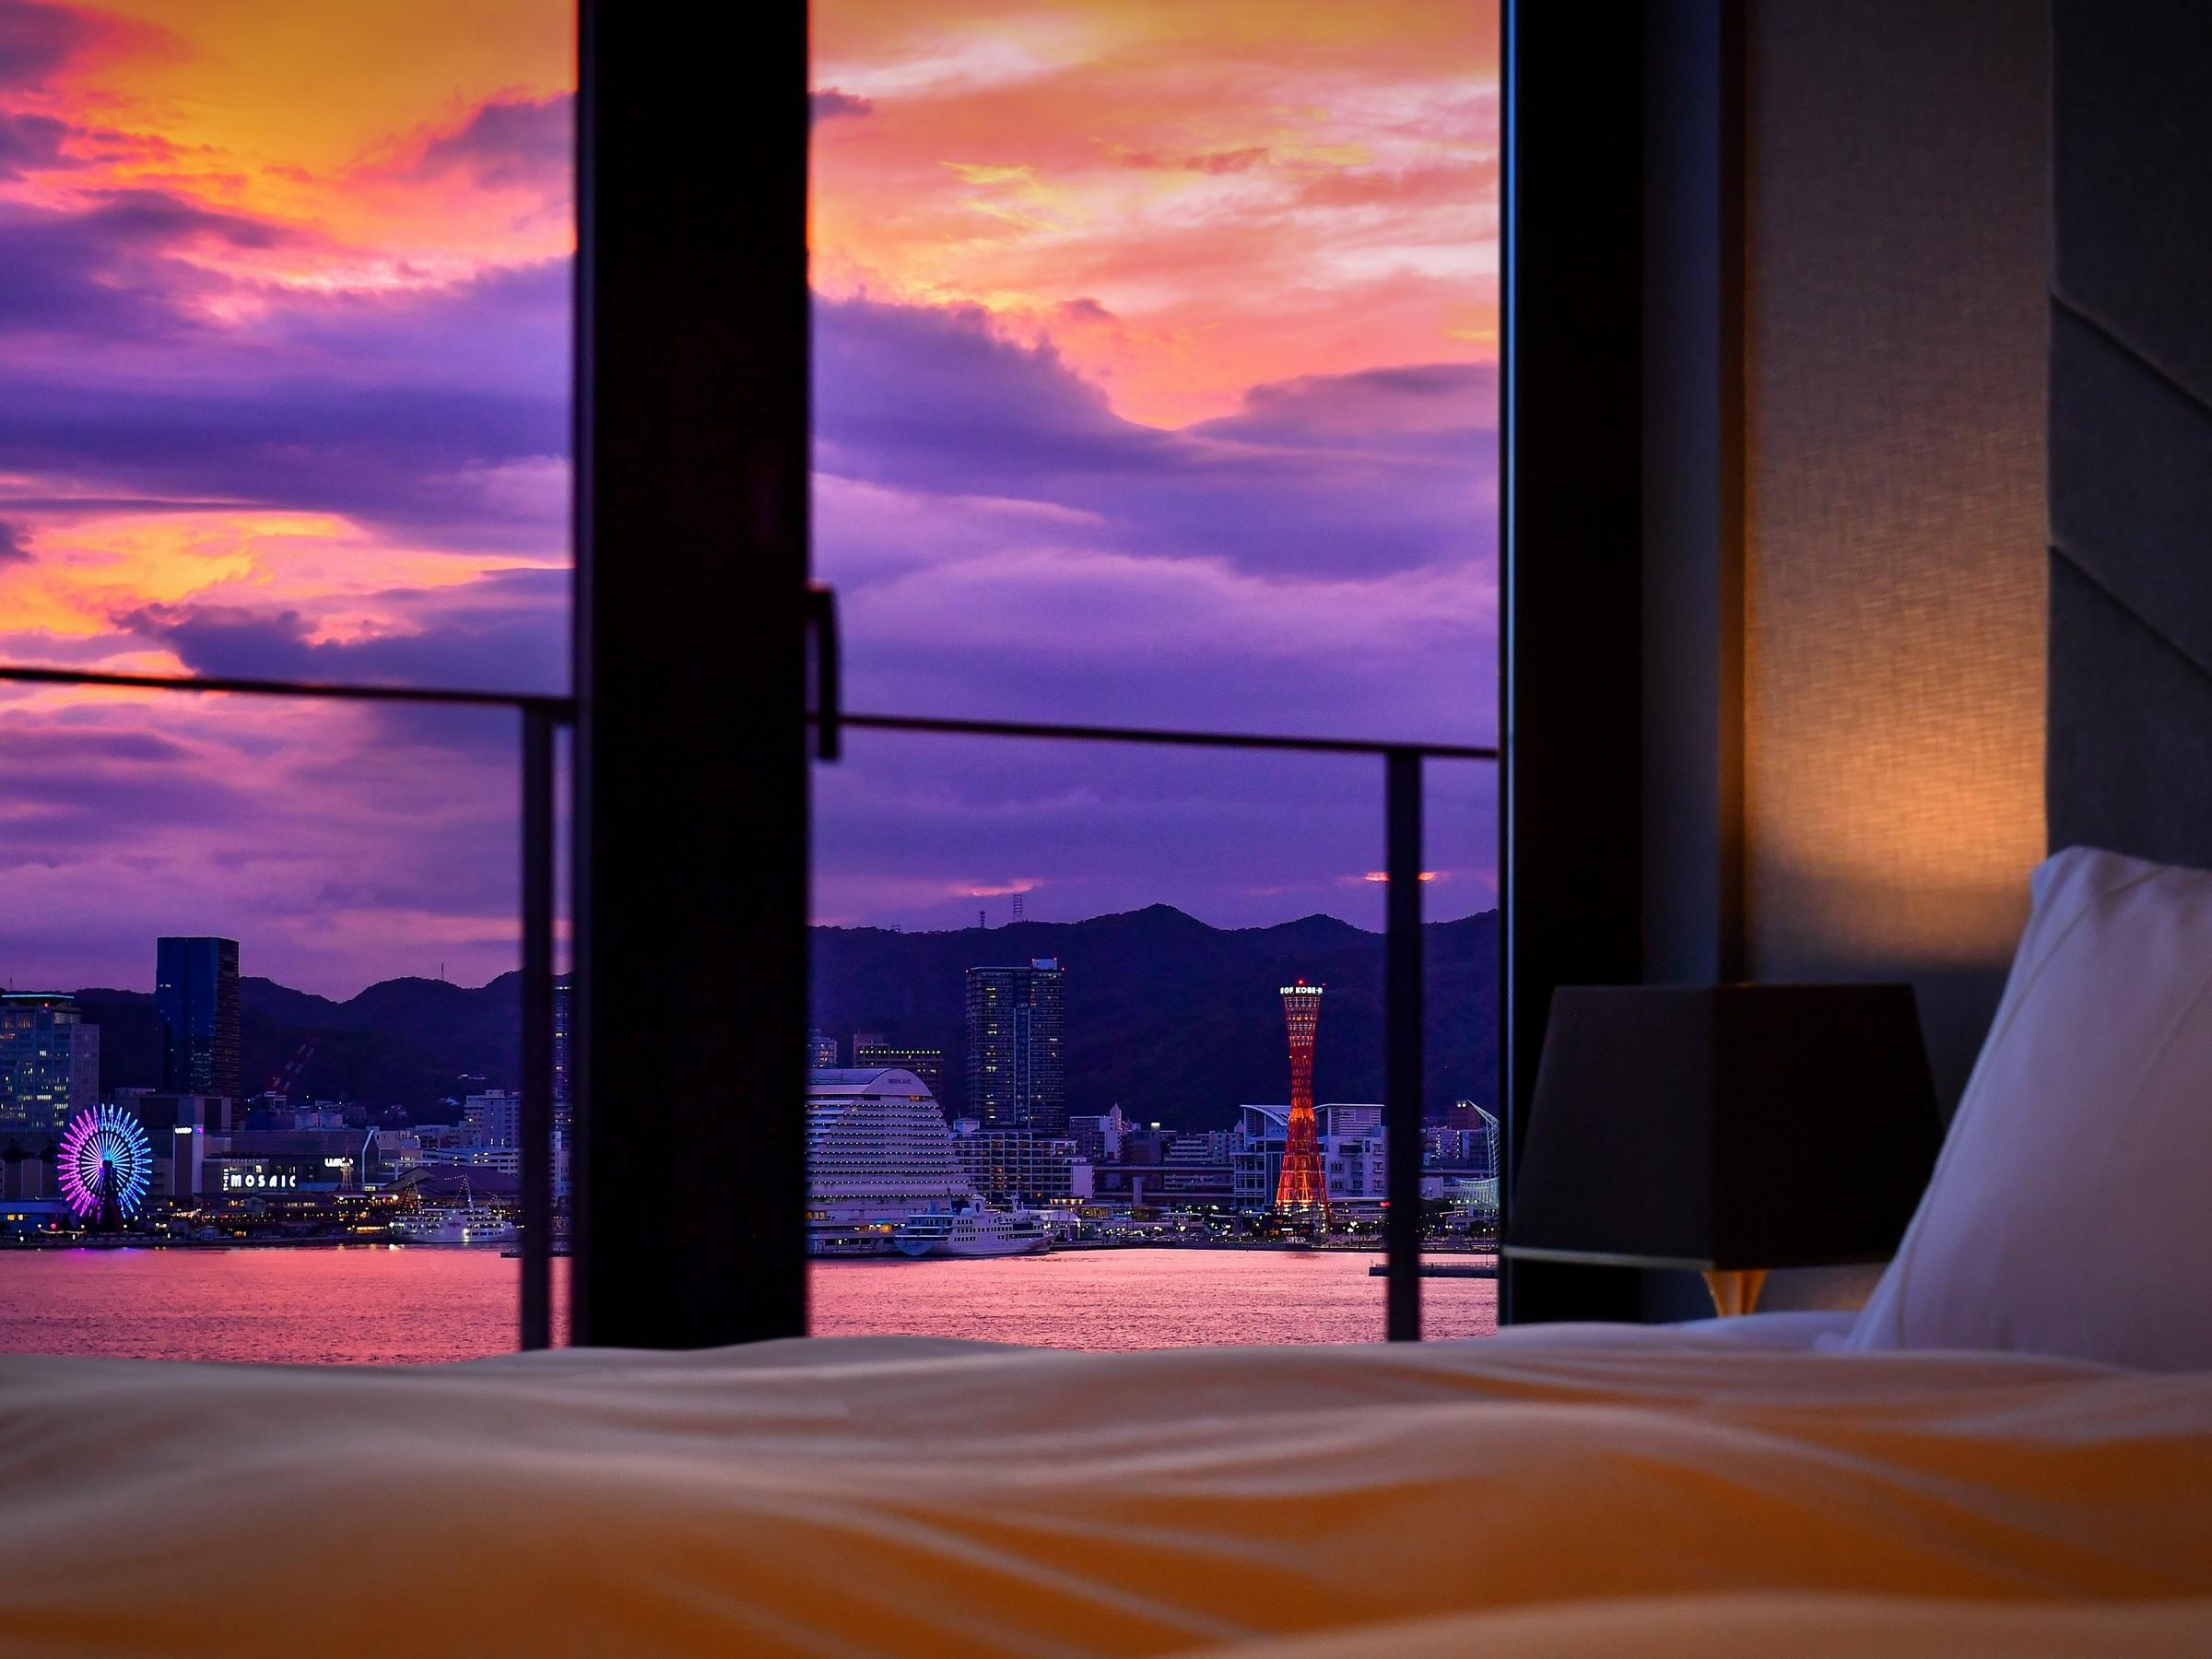 センチュリオンホテルヴィンテージ神戸 『全室禁煙』プレミアムキングハーバービュー《1-2名様》